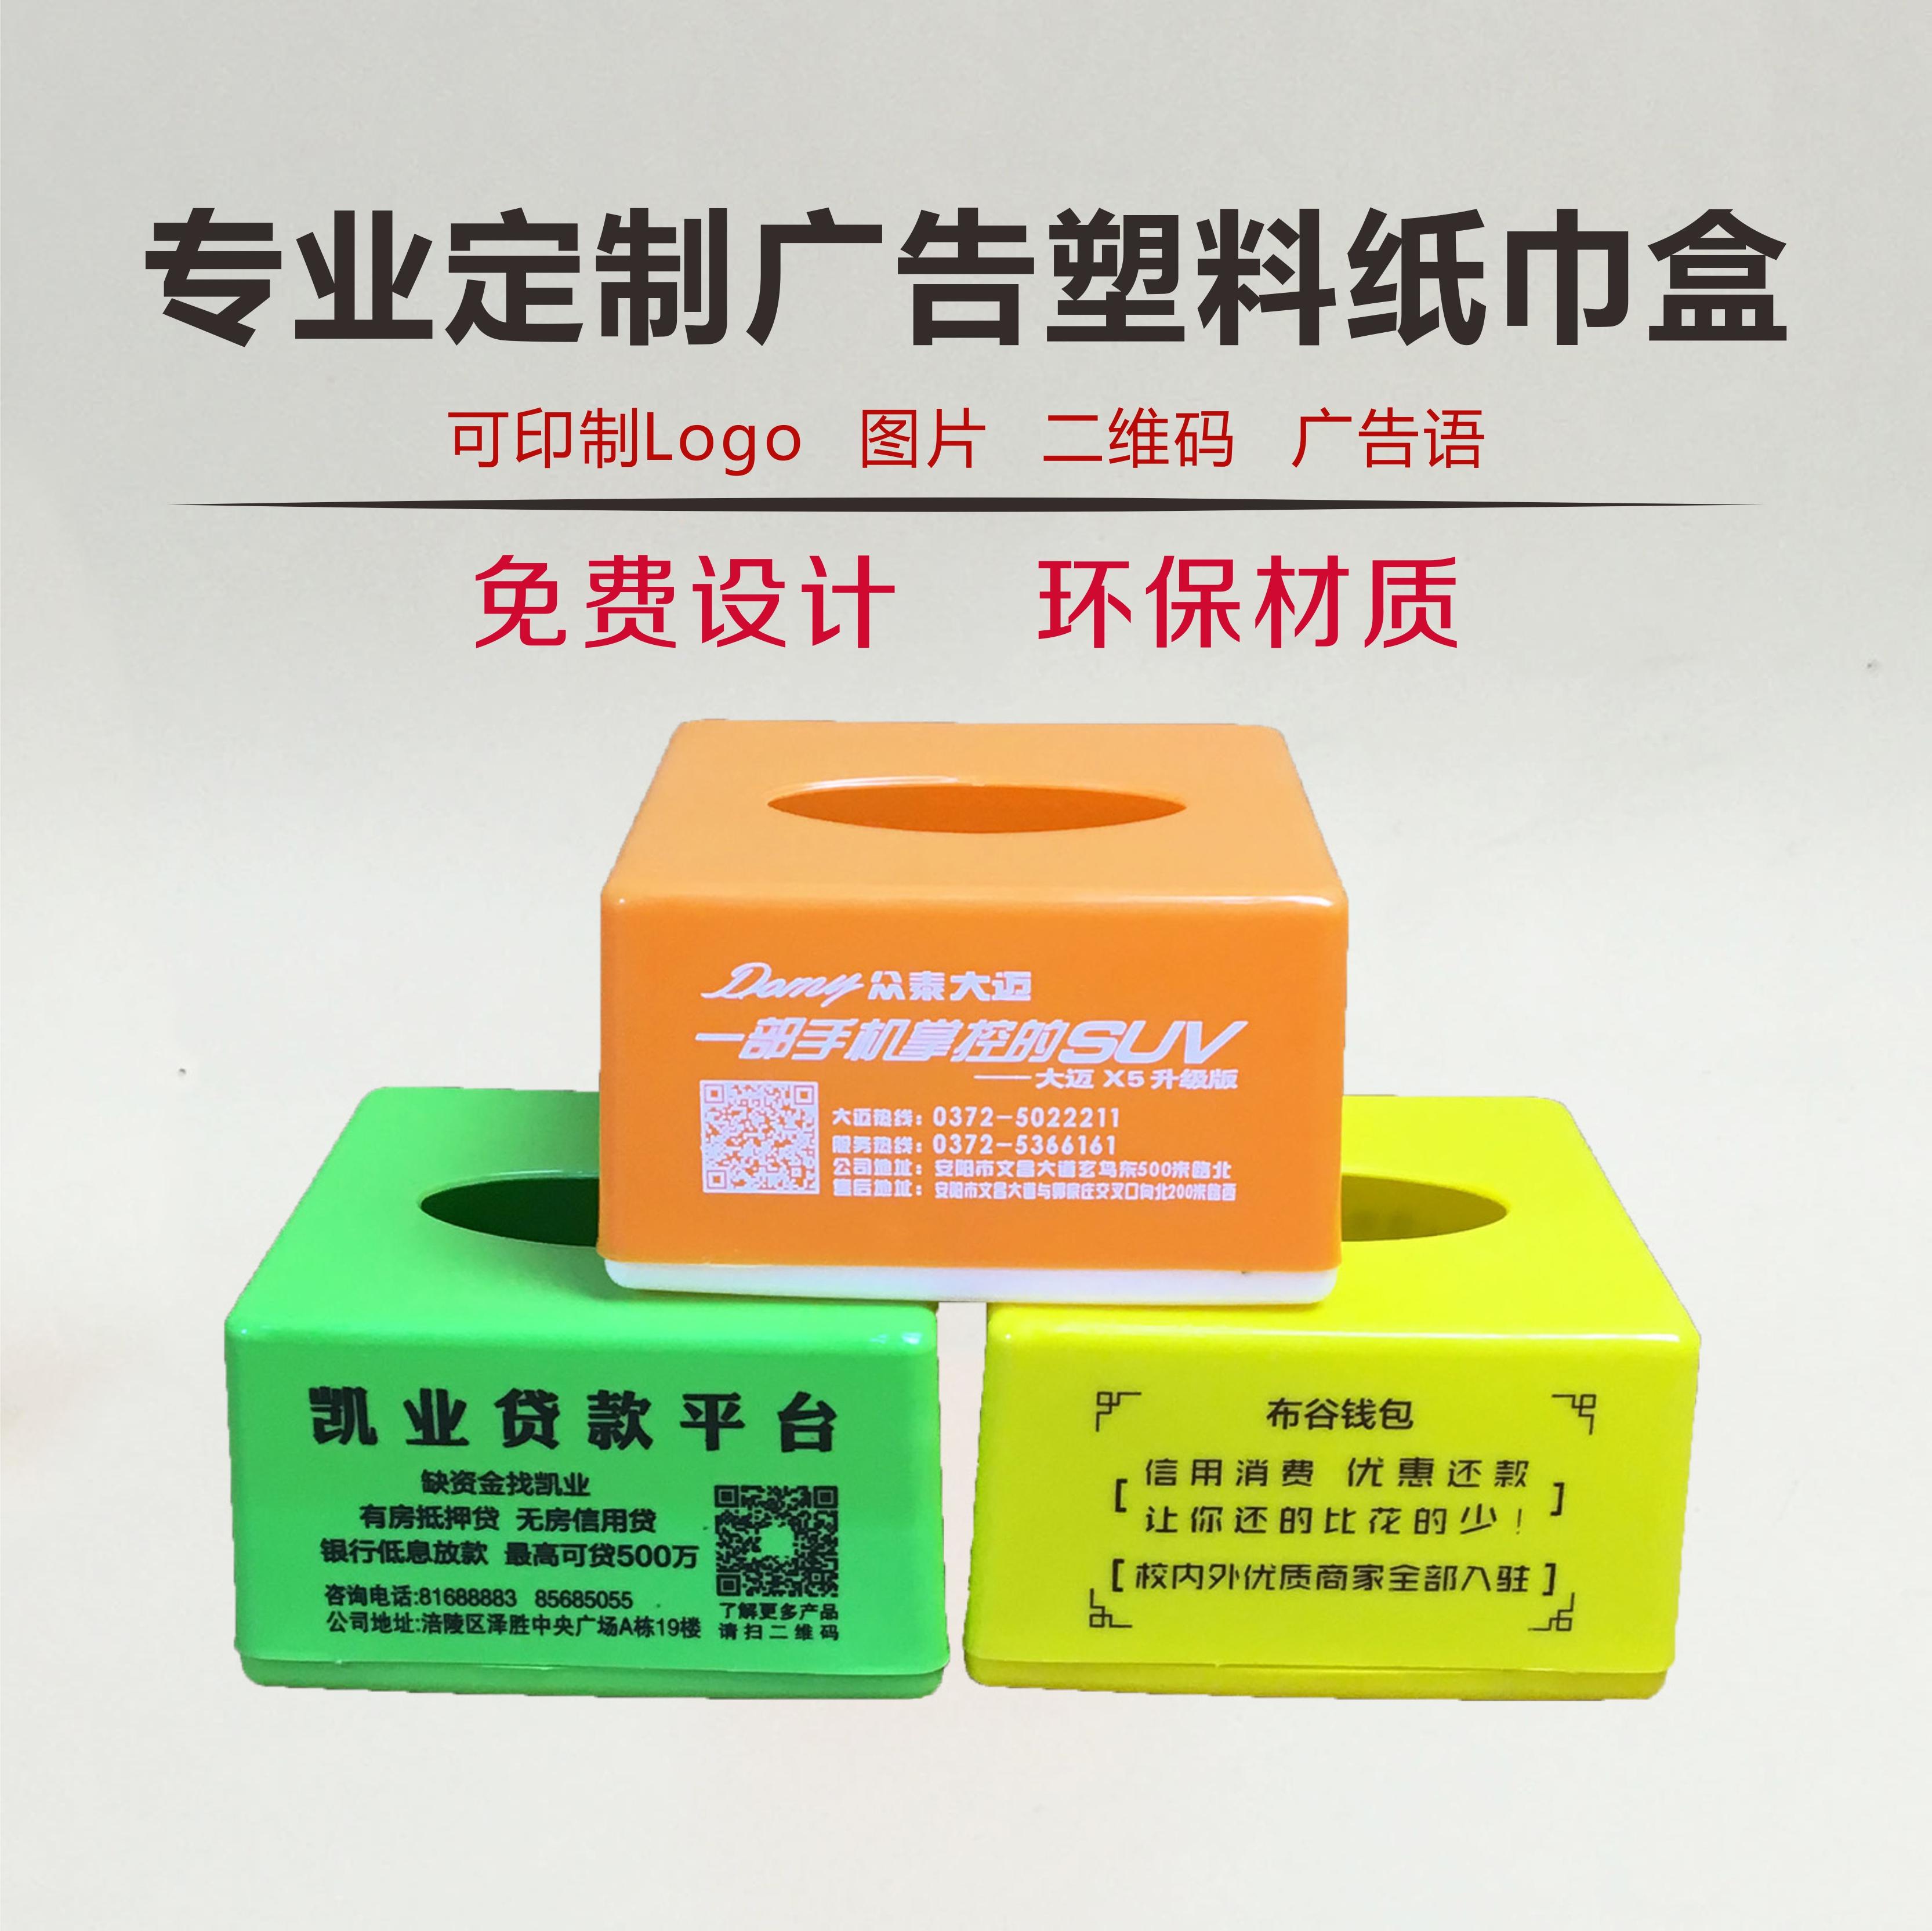 Завод пластик ткань стандарт реклама насосные коробка печать logo бумажные полотенца трубка pp пластик бесплатно дизайн сделанный на заказ